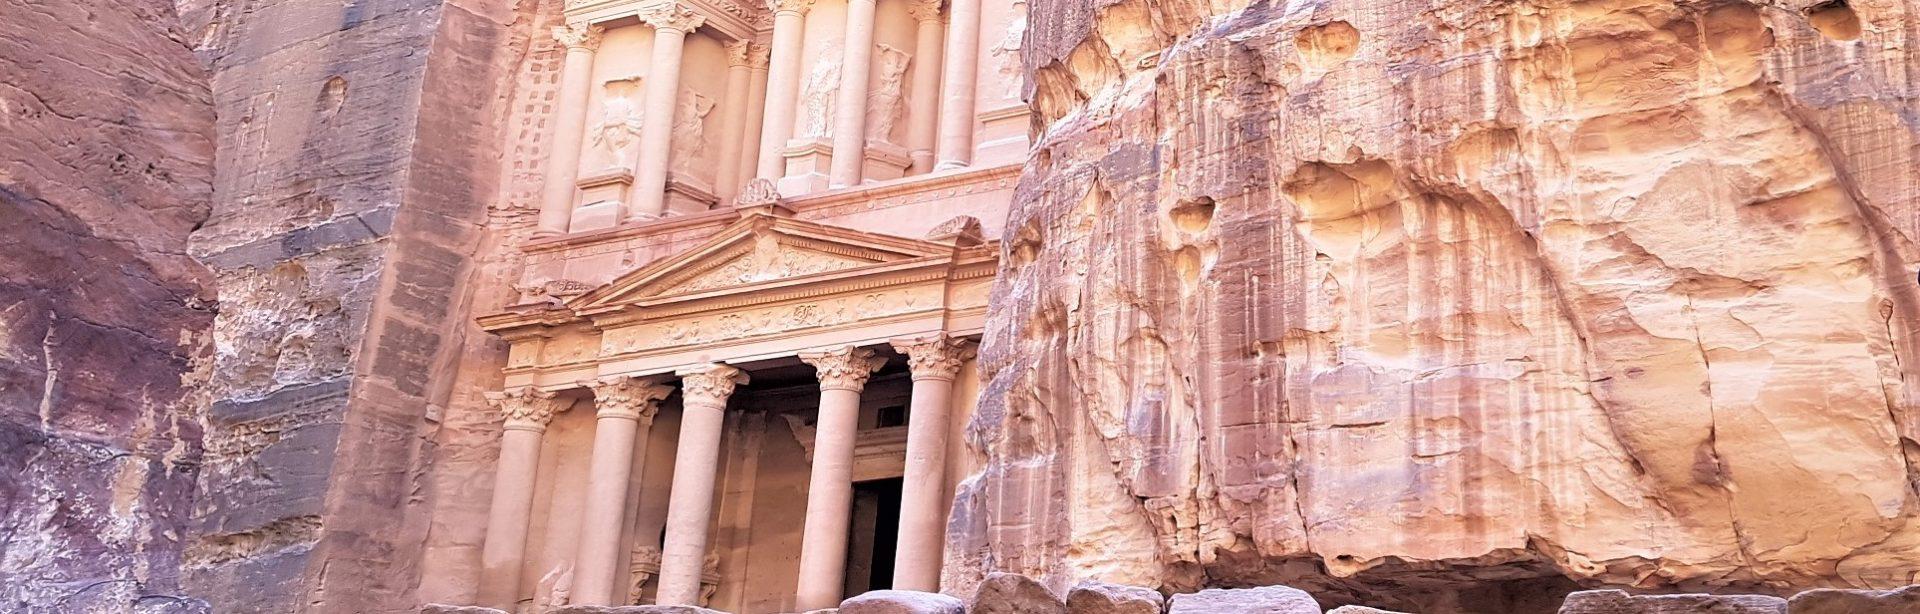 Turismo na Jordânia:  o que fazer, roteiros, cultura e dicas de viagem